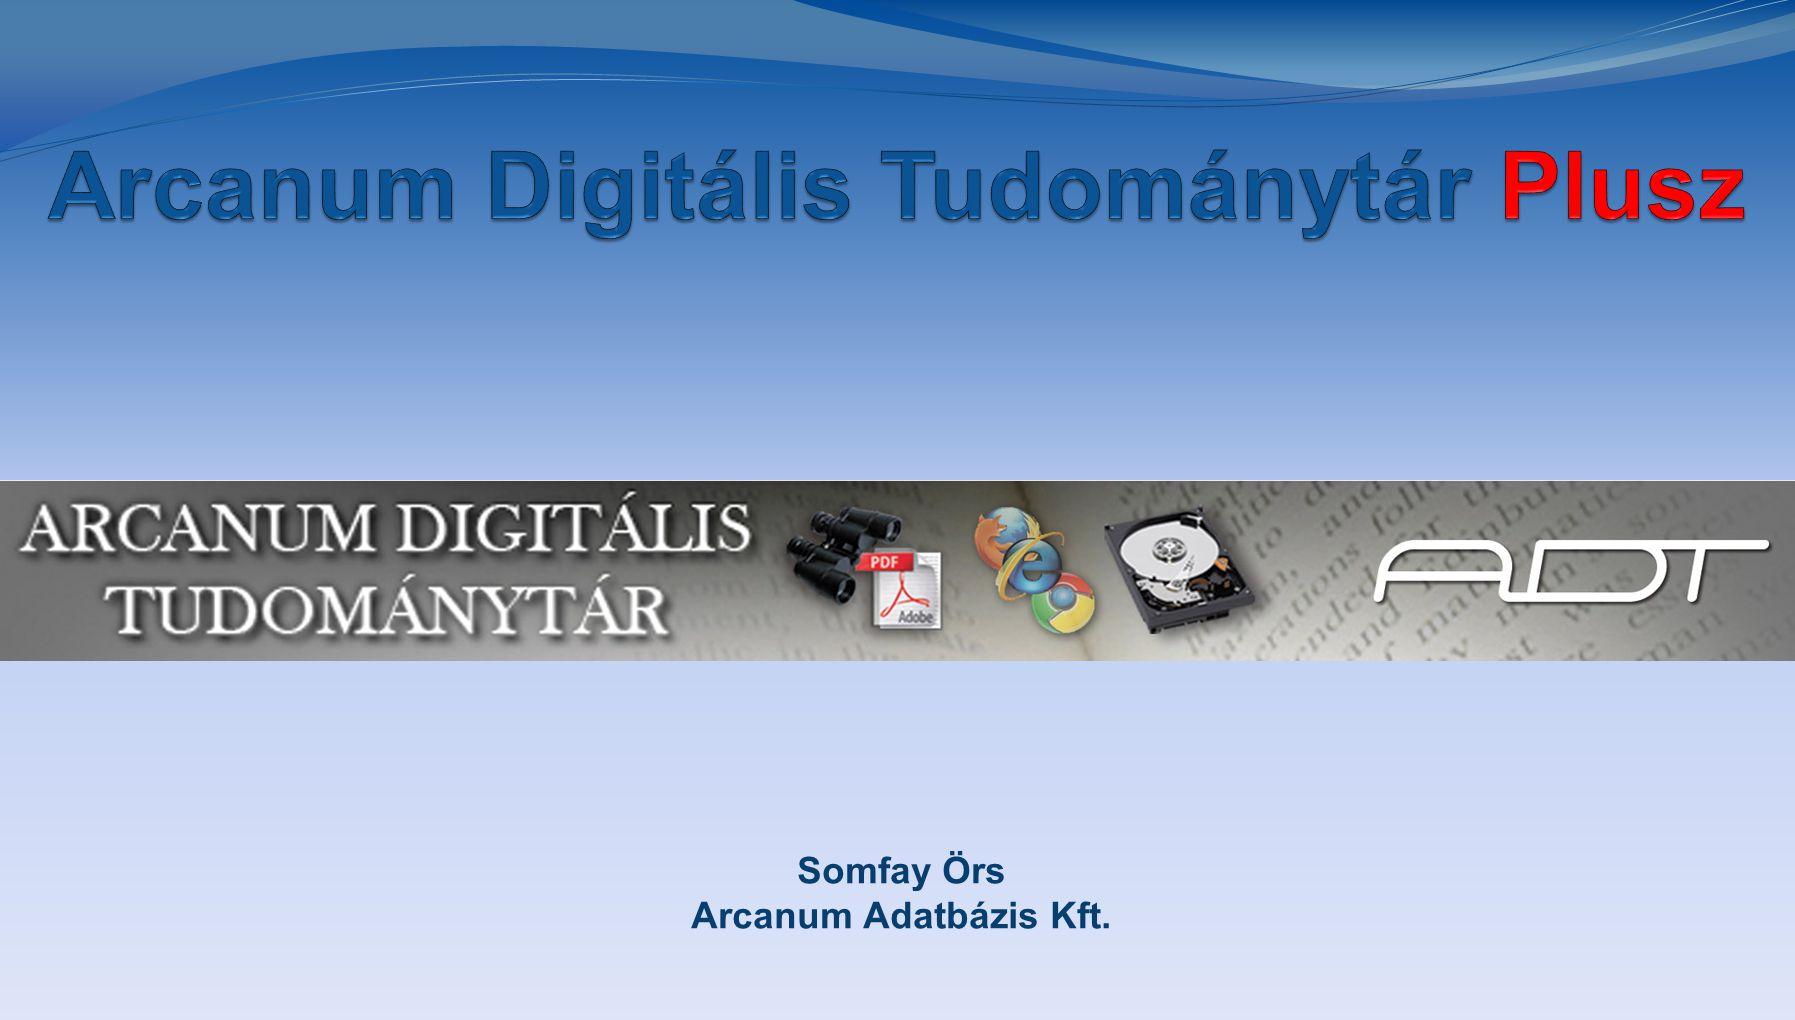 Arcanum Digitális Tudománytár Plusz